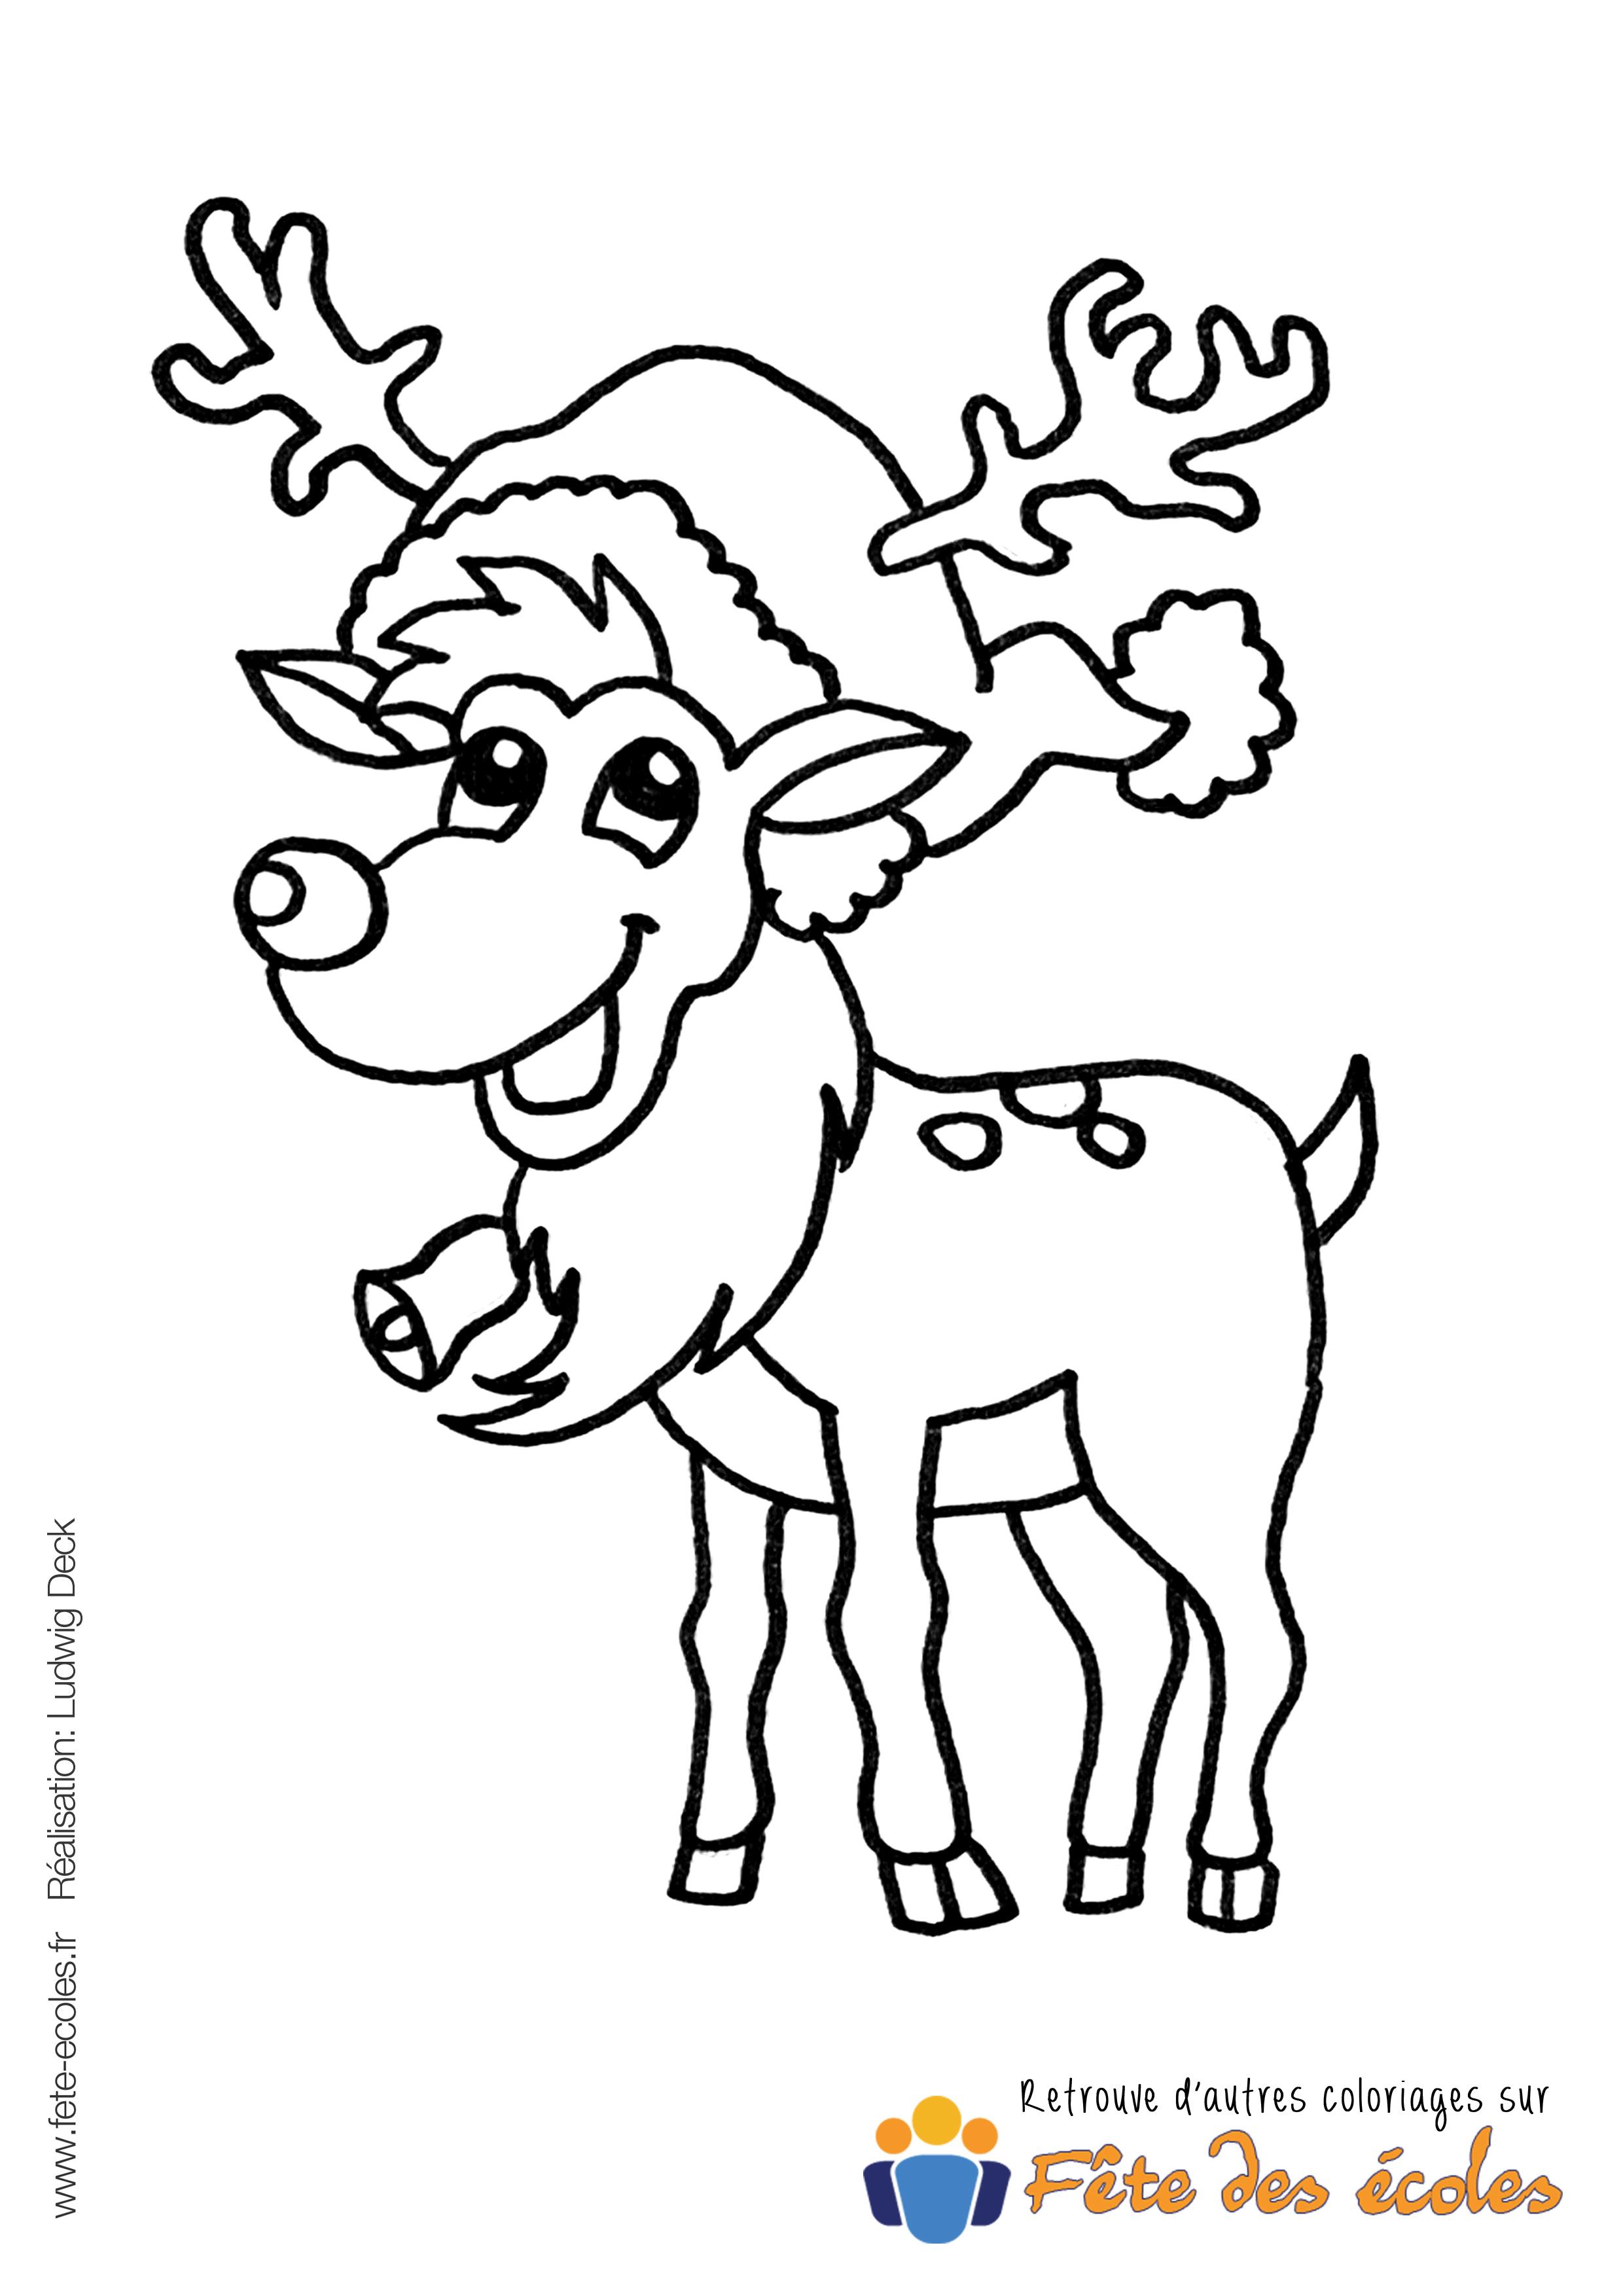 Coloriage de rudolphe le renne - Dessin de renne au nez rouge ...